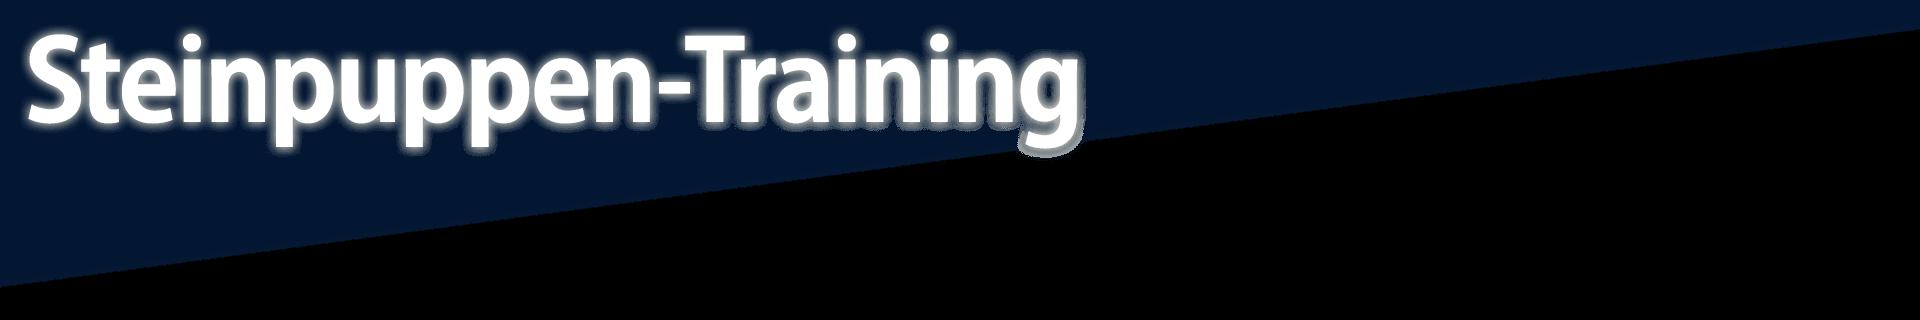 Steinpuppen-Training